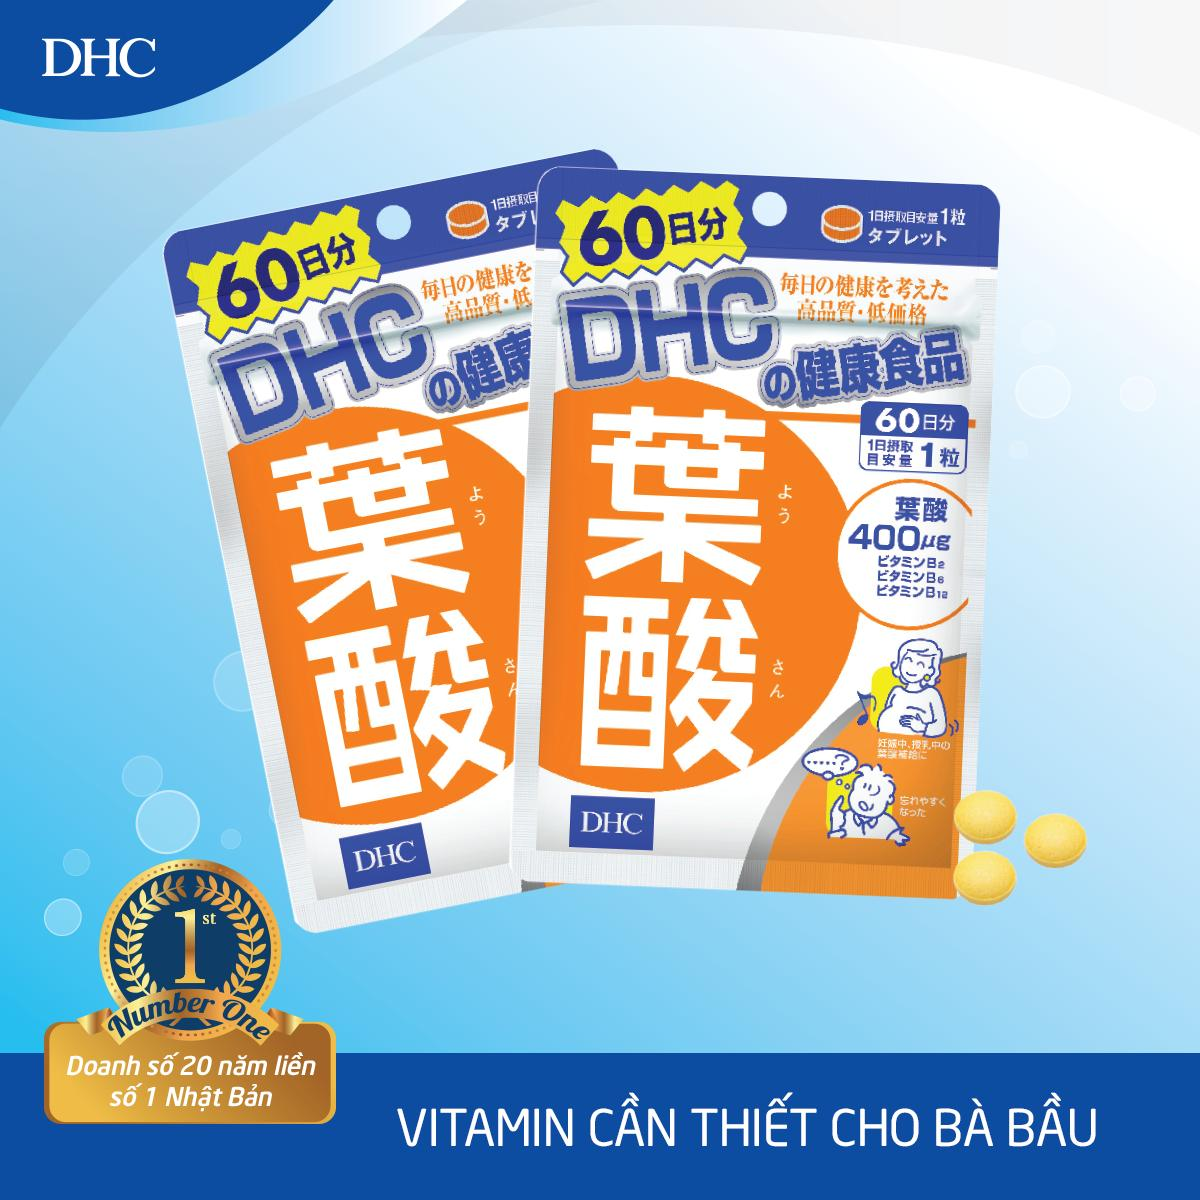 Viên uống cho Bà bầu DHC Folic Acid 60 Ngày nhập khẩu